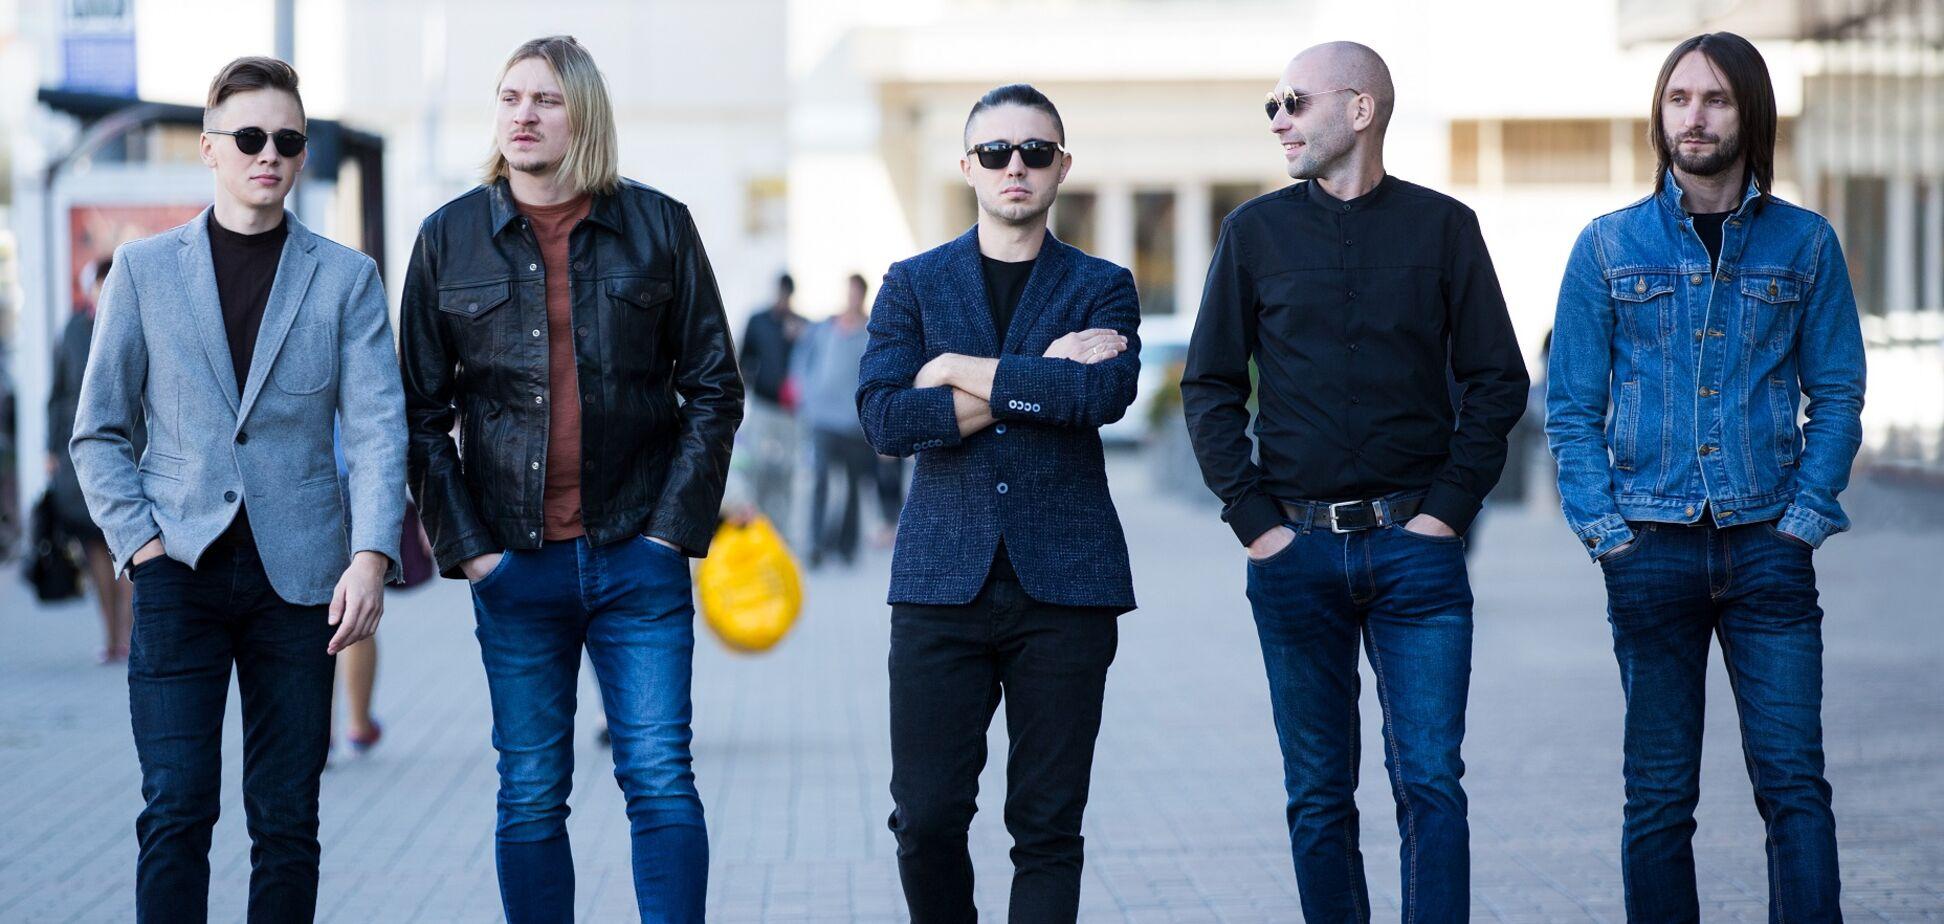 Подвиг 40-летней давности вдохновил известную украинскую группу на мощный трек